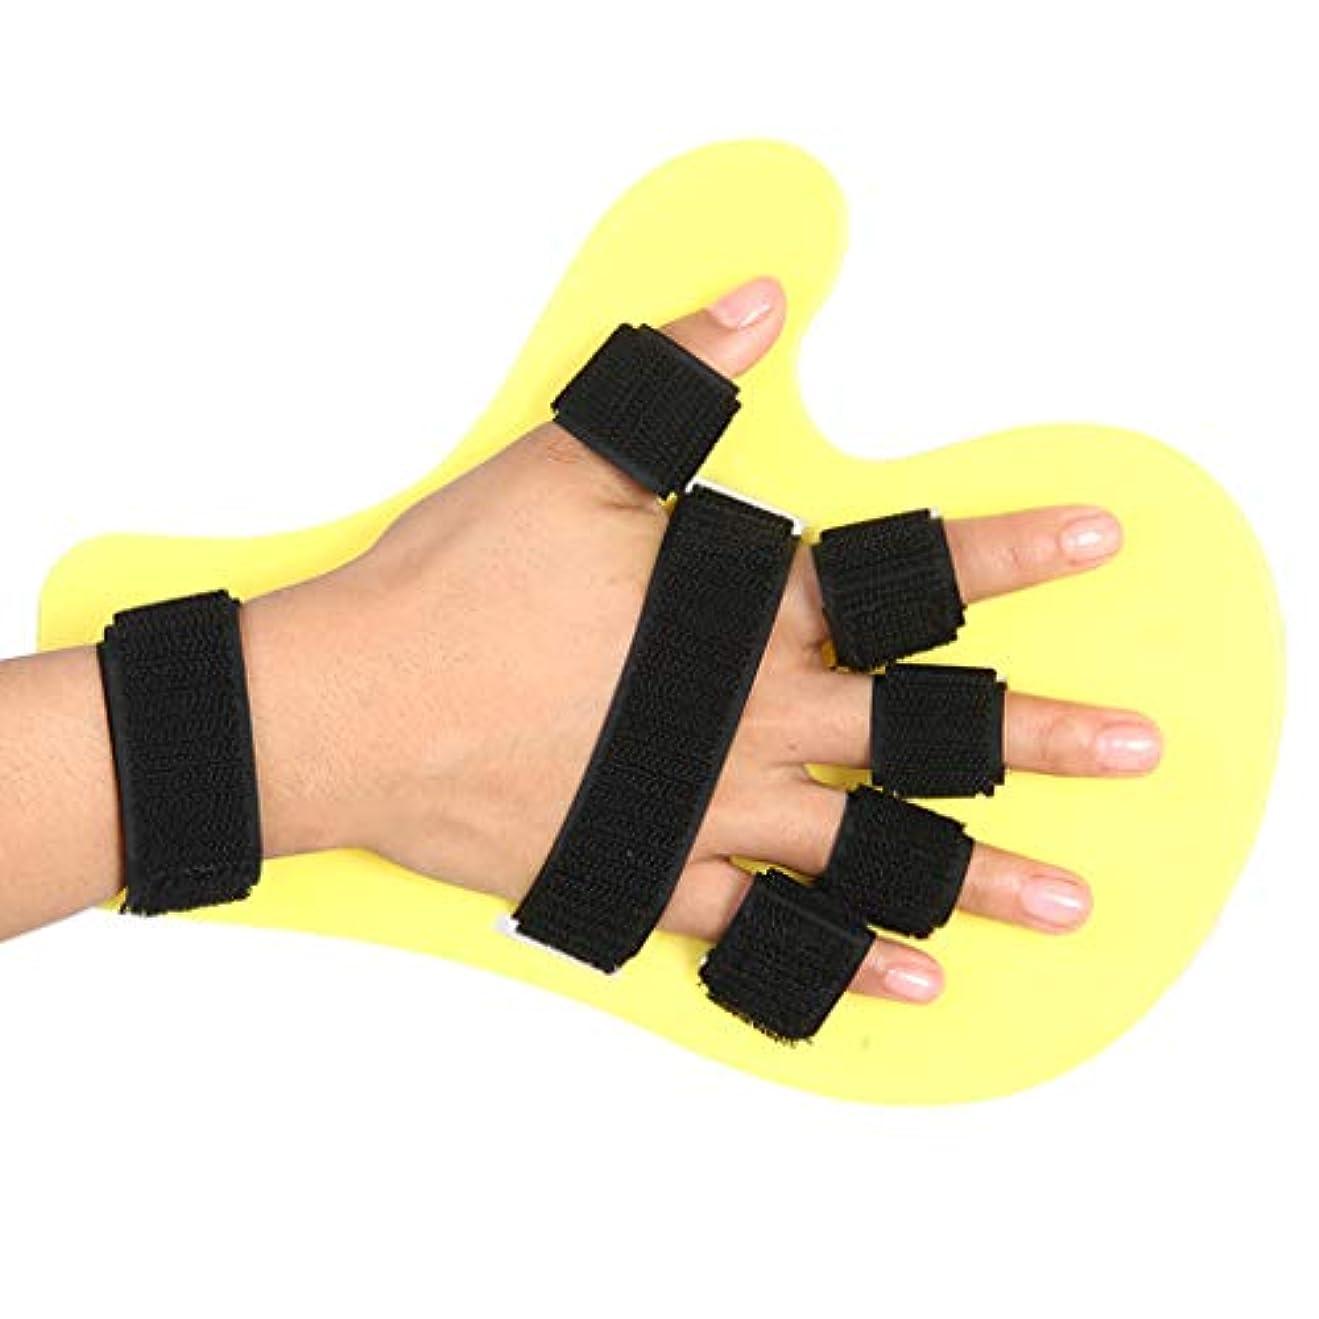 田舎者丈夫小人副子指板訓練装置、調節可能な指装具、脳卒中片麻痺のための指リハビリテーション固定ストレート,A